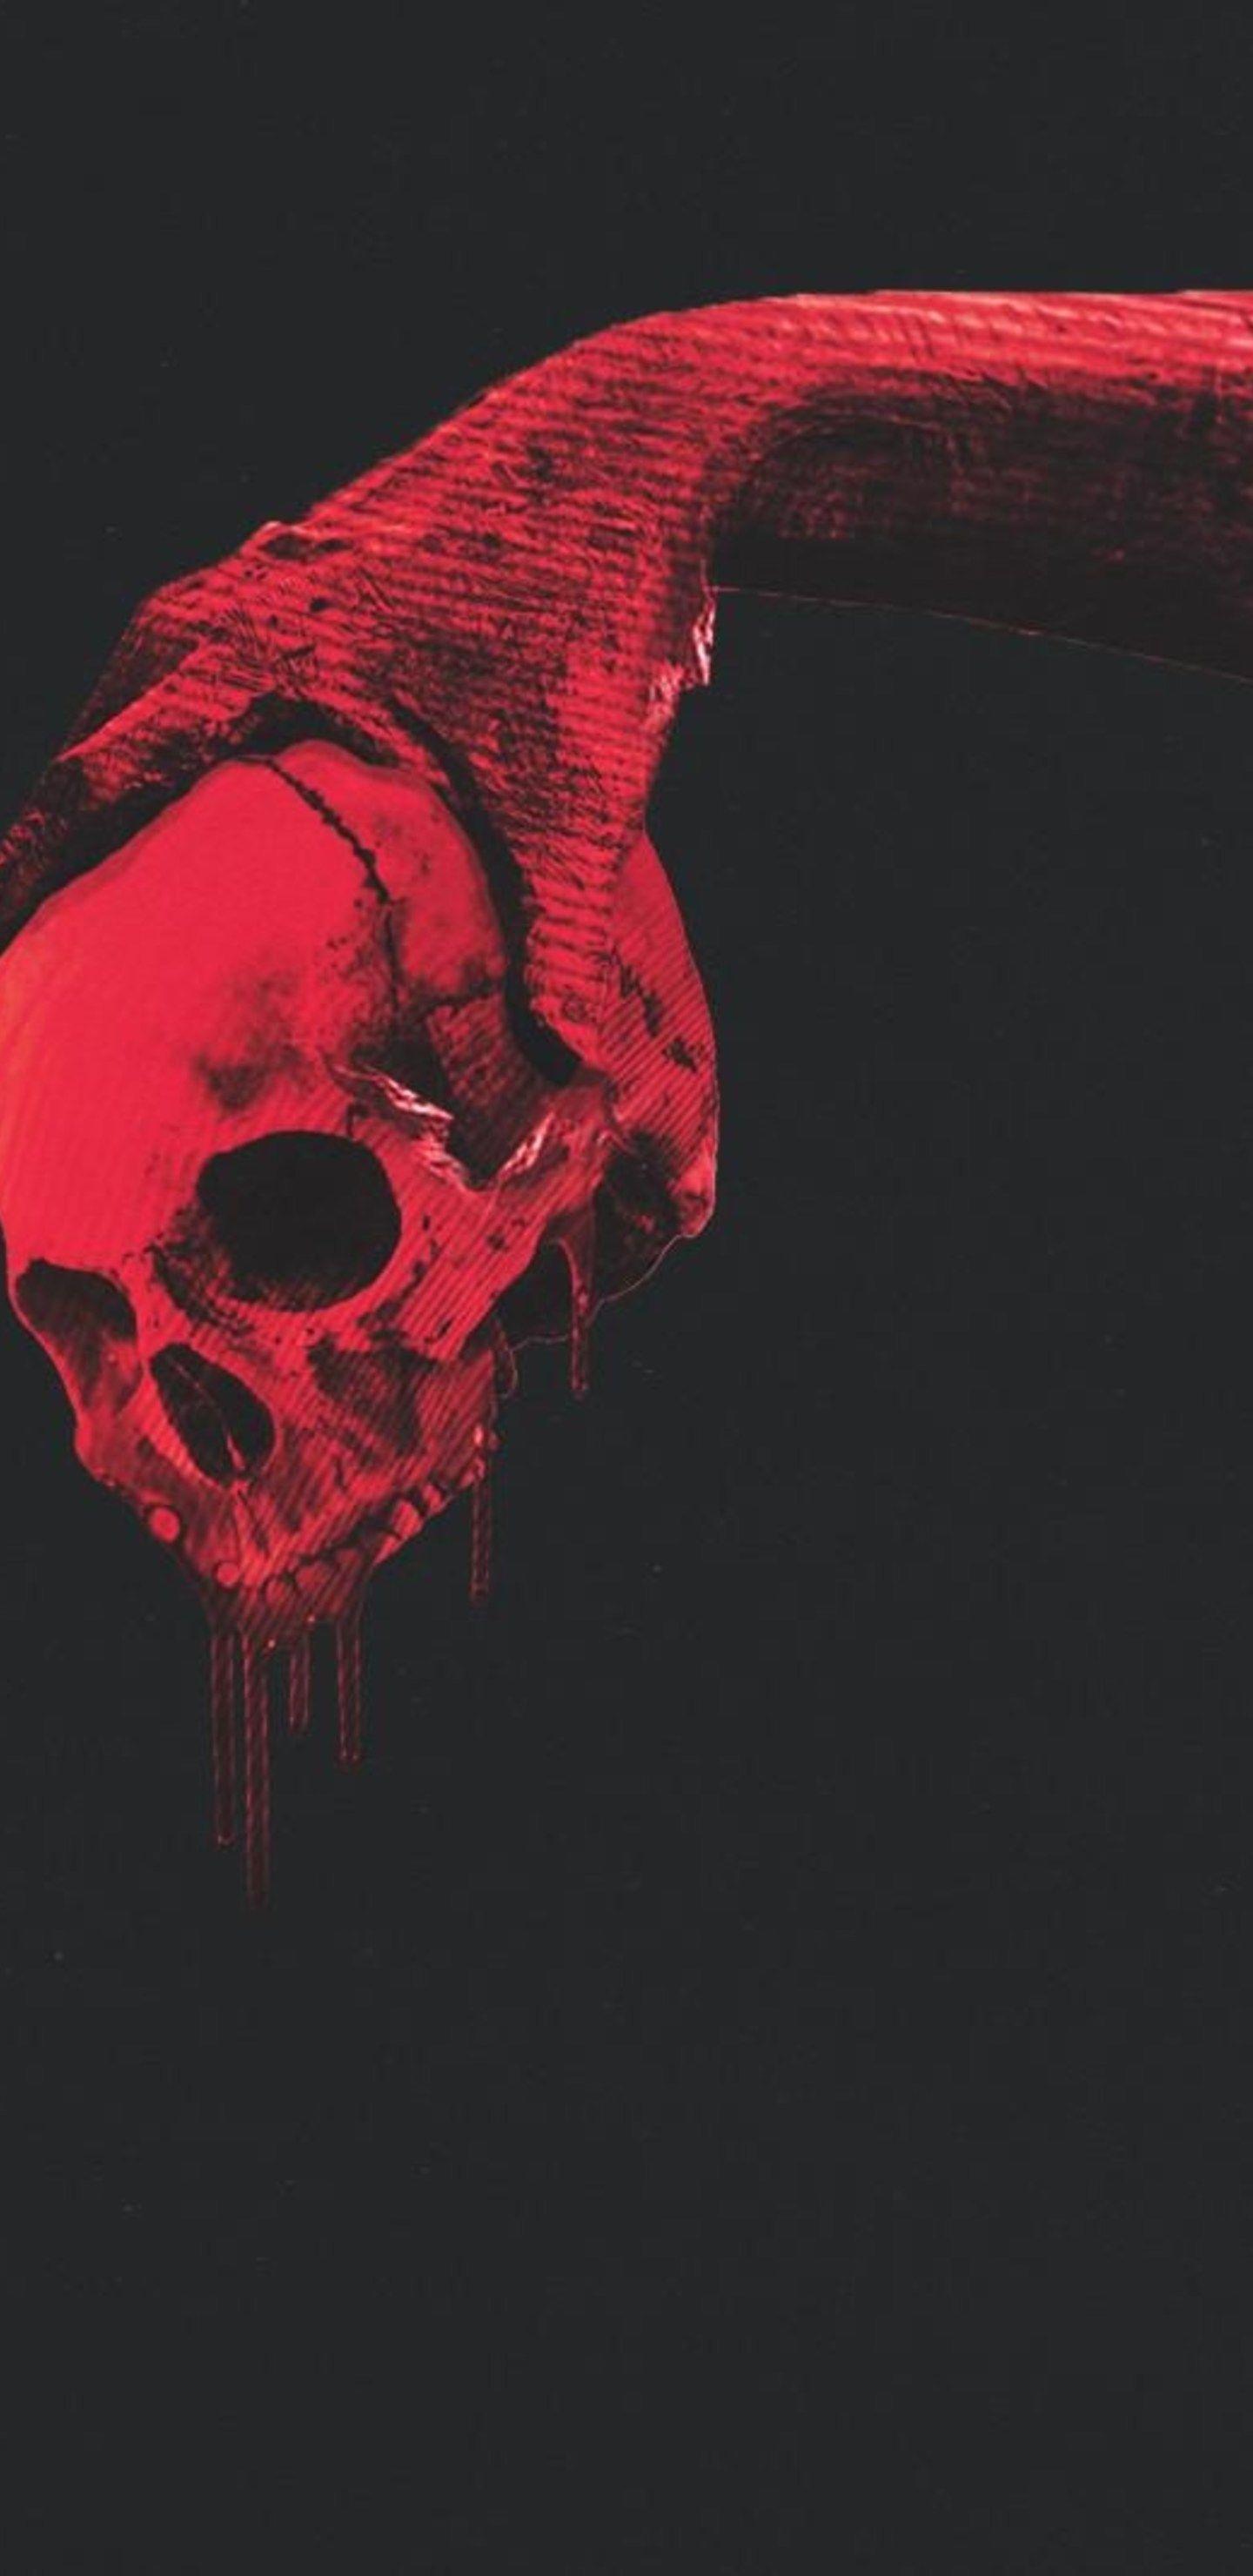 Skull Samsung Galaxy Wallpapers Top Free Skull Samsung